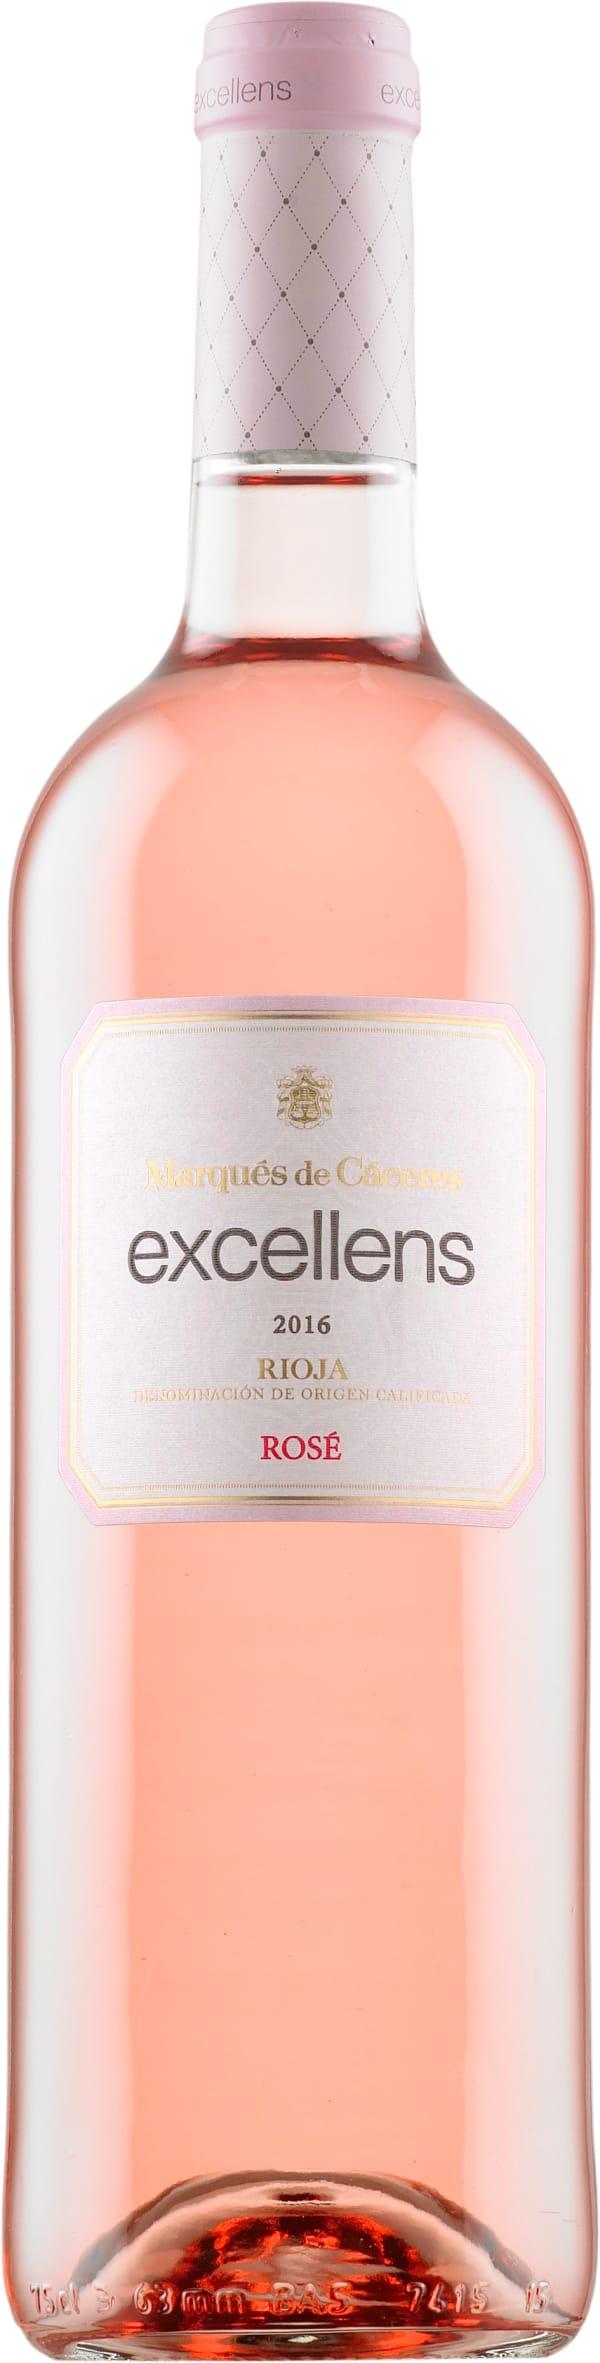 Marqués de Cáceres Excellens Rosé 2018